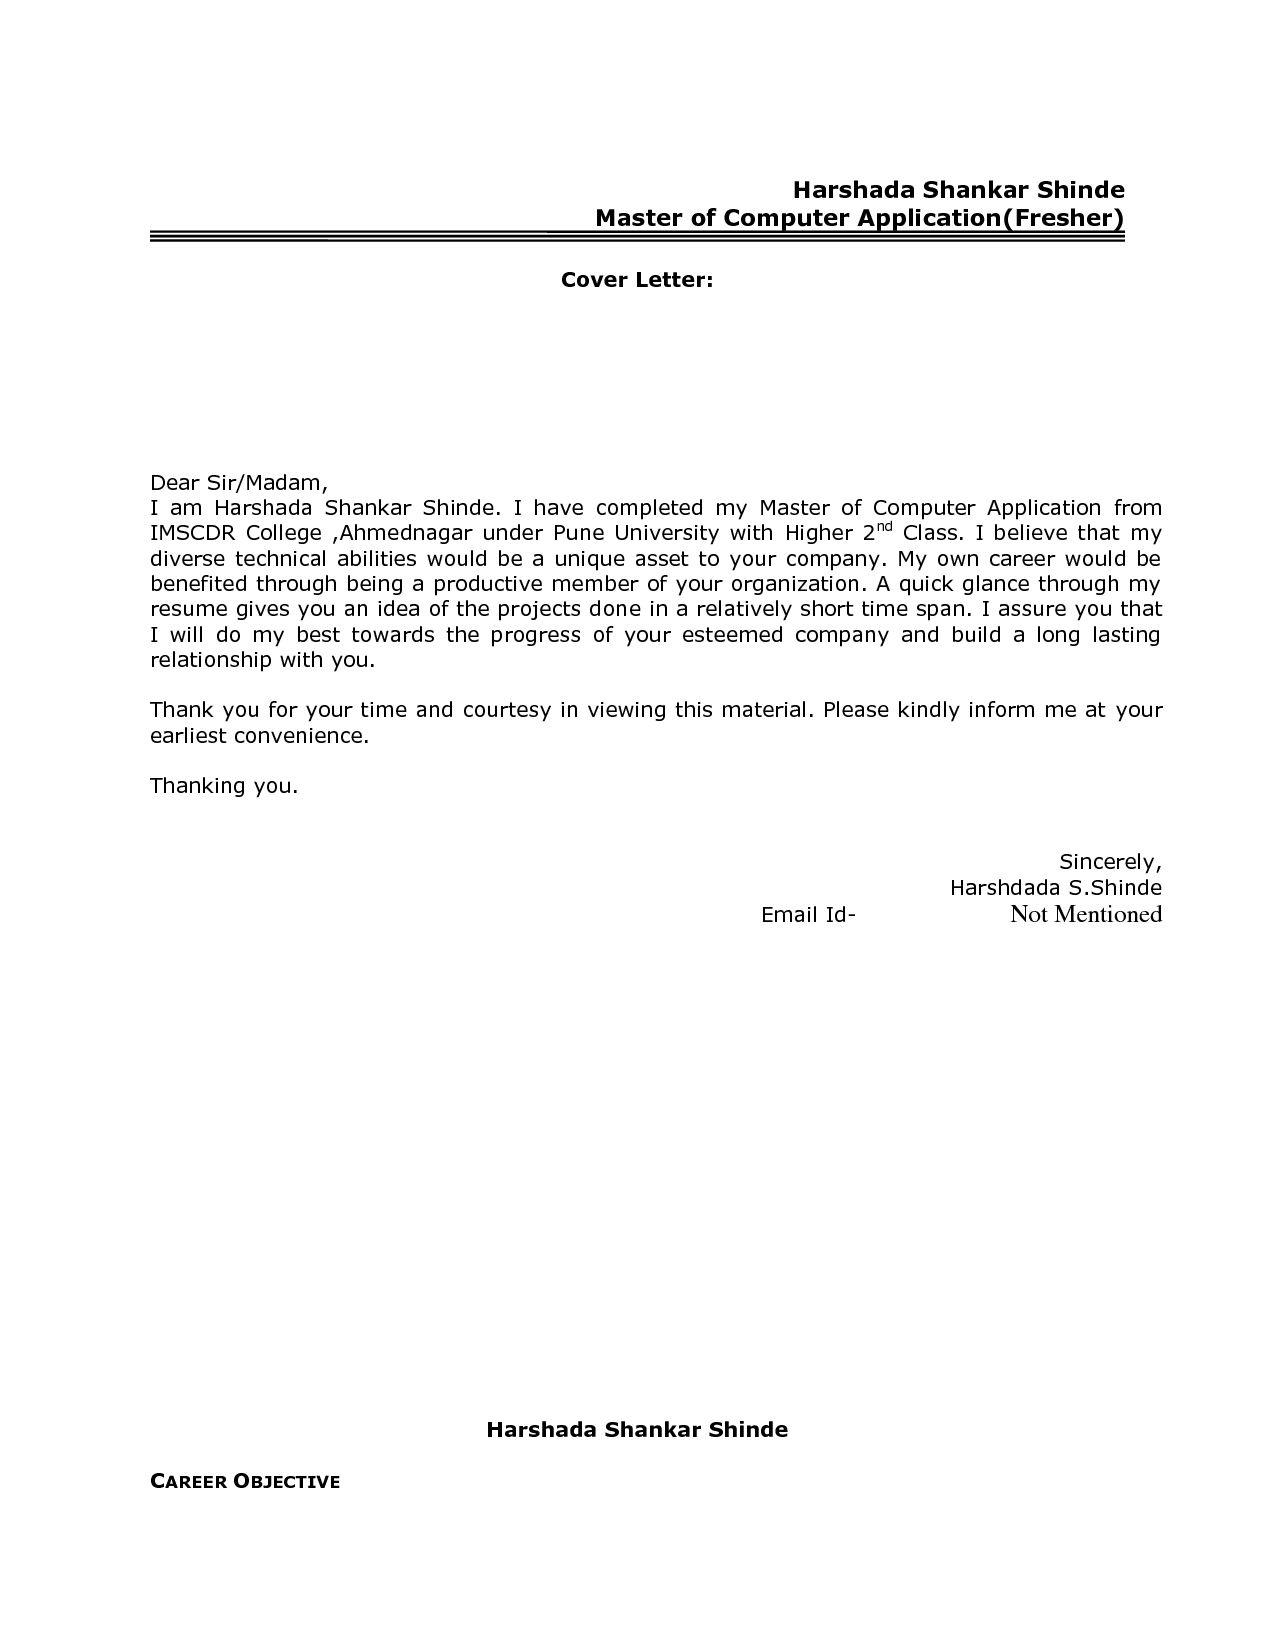 25 Sample Resume Cover Letter Sample Resume Cover Letter Cover Letter For Resume Cover Letter Example